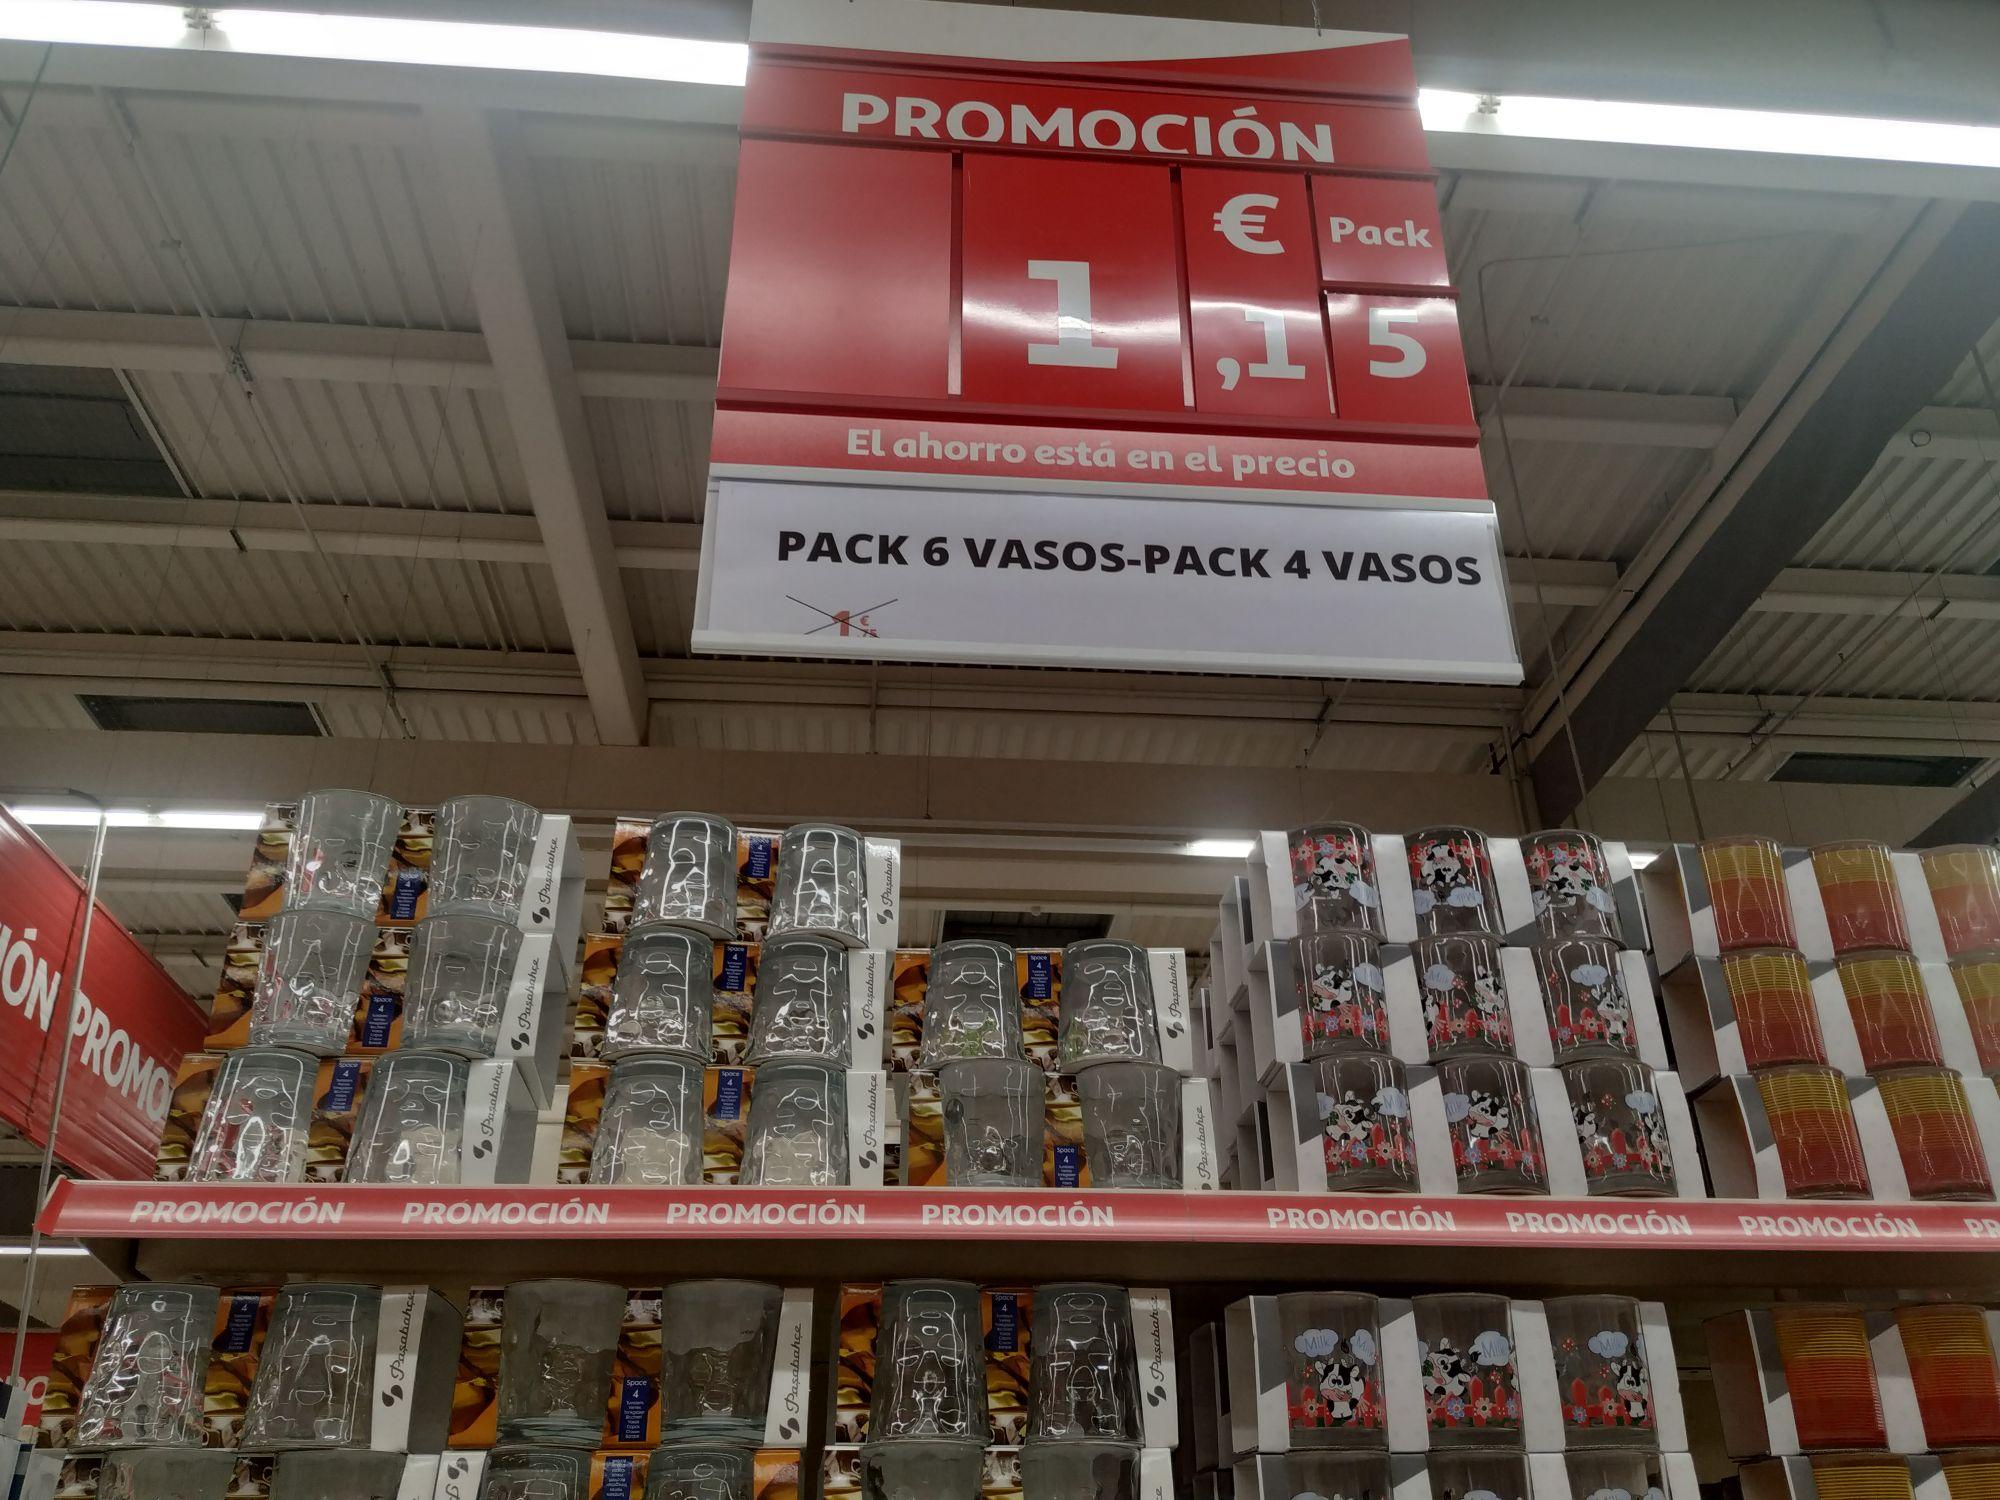 Pack 6 vasos o pack 4 vasos (distintos modelos, Alcampo Toledo)